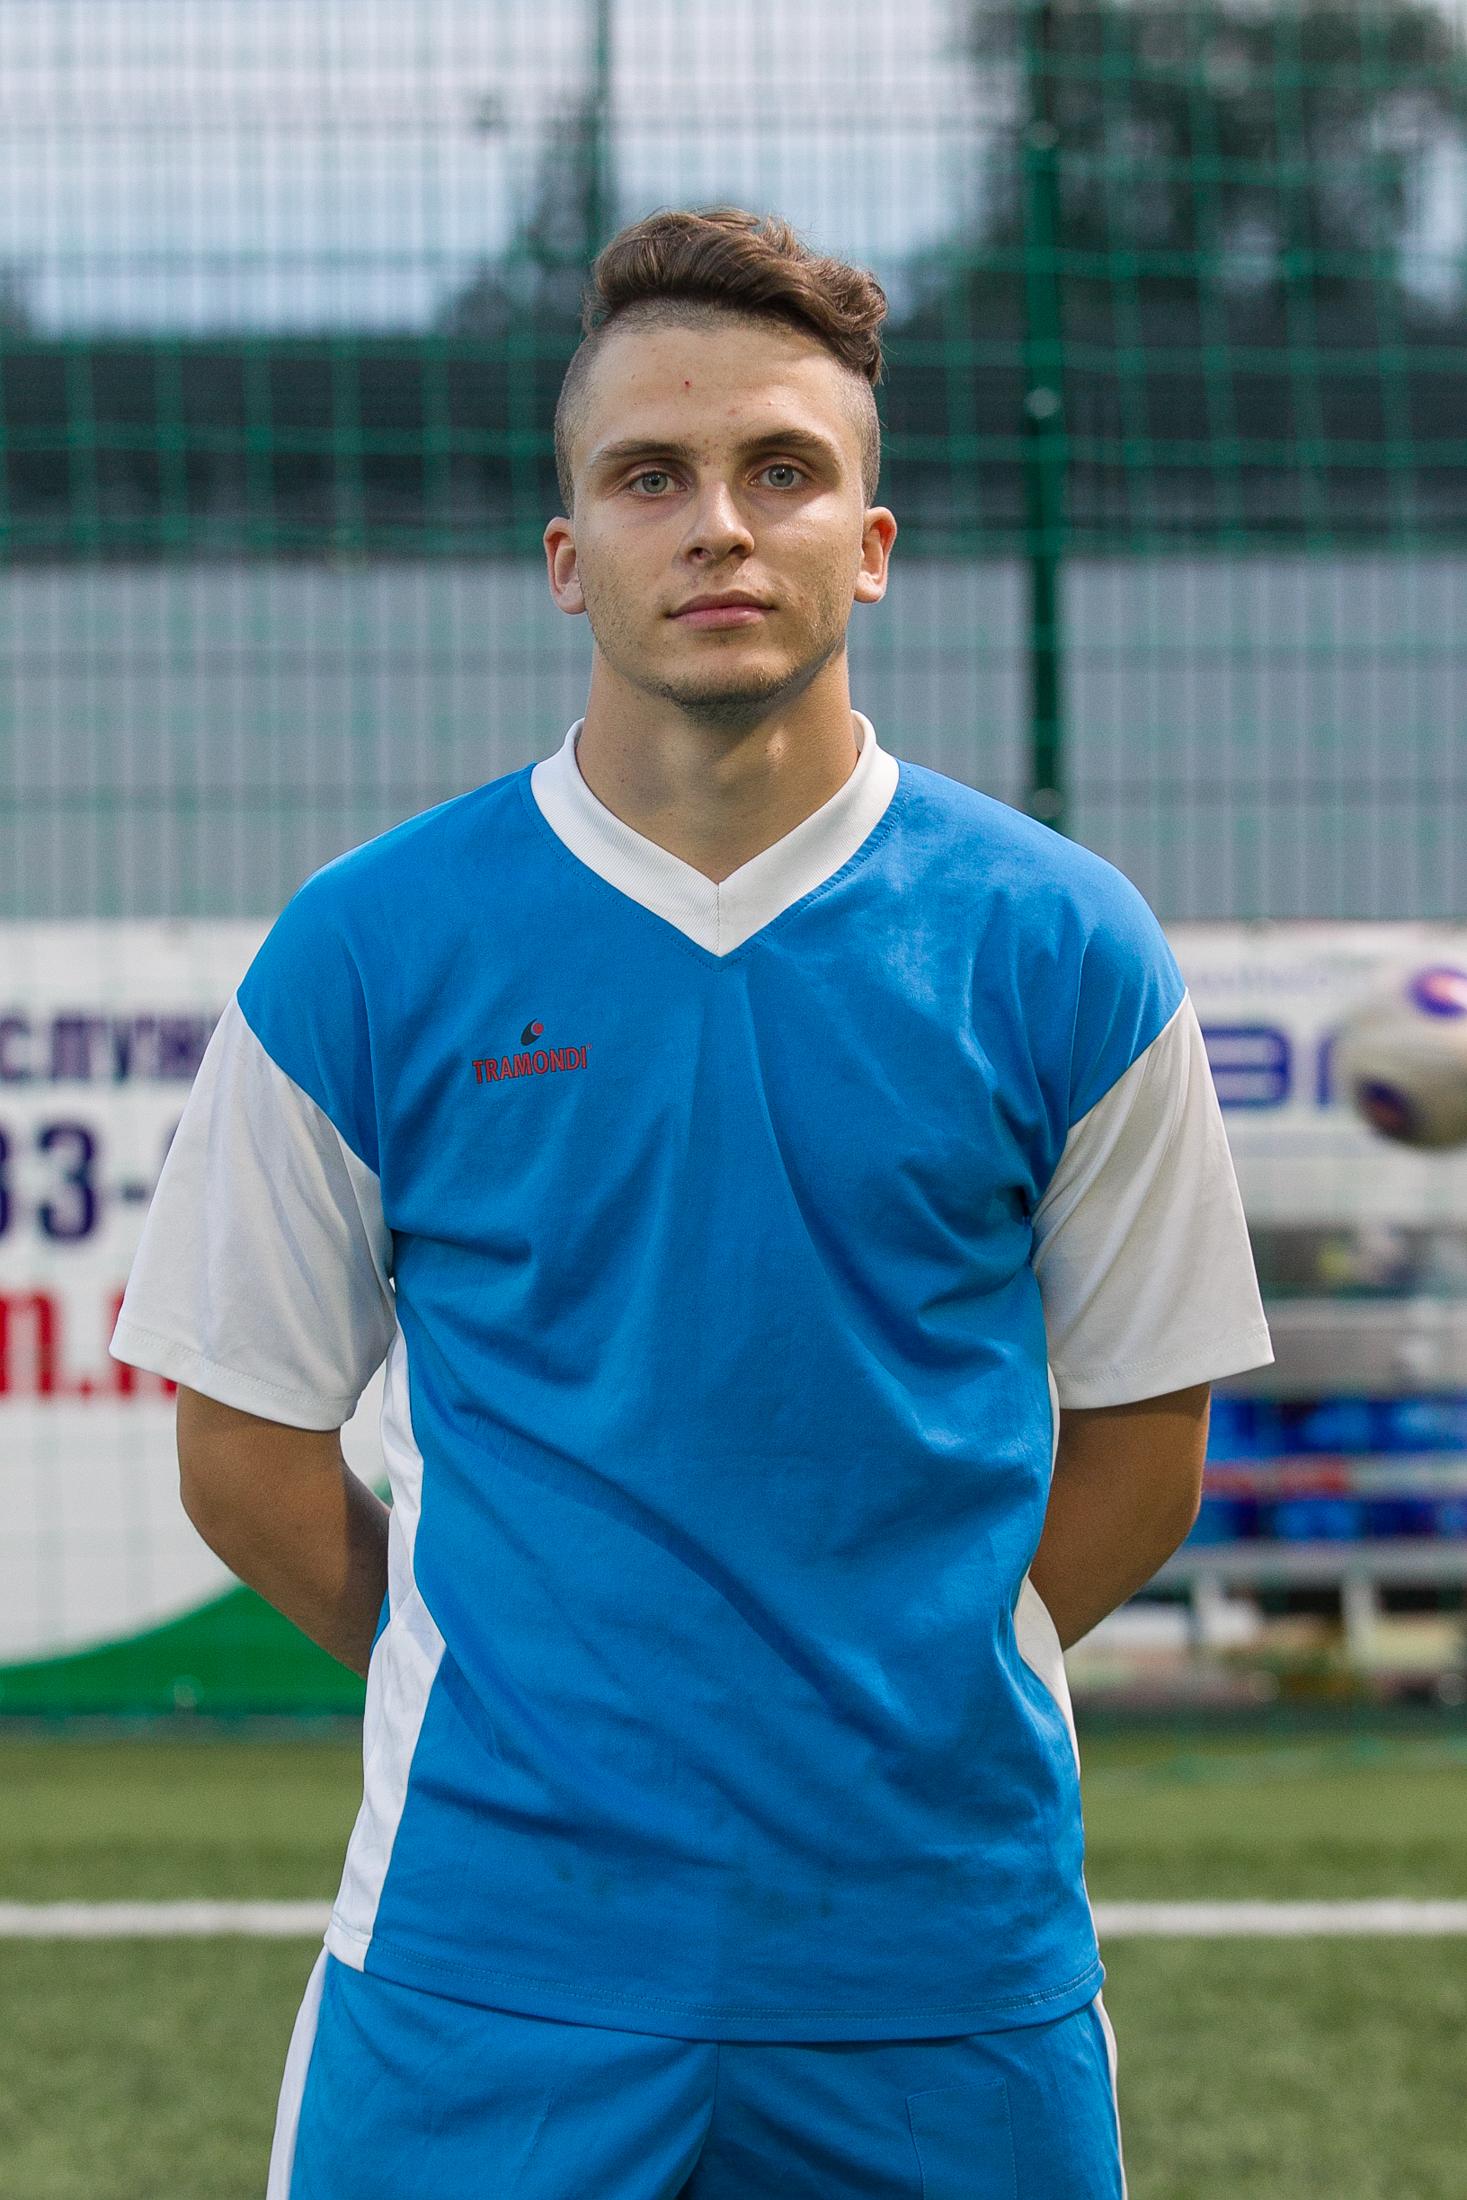 Шуляк Дмитрий